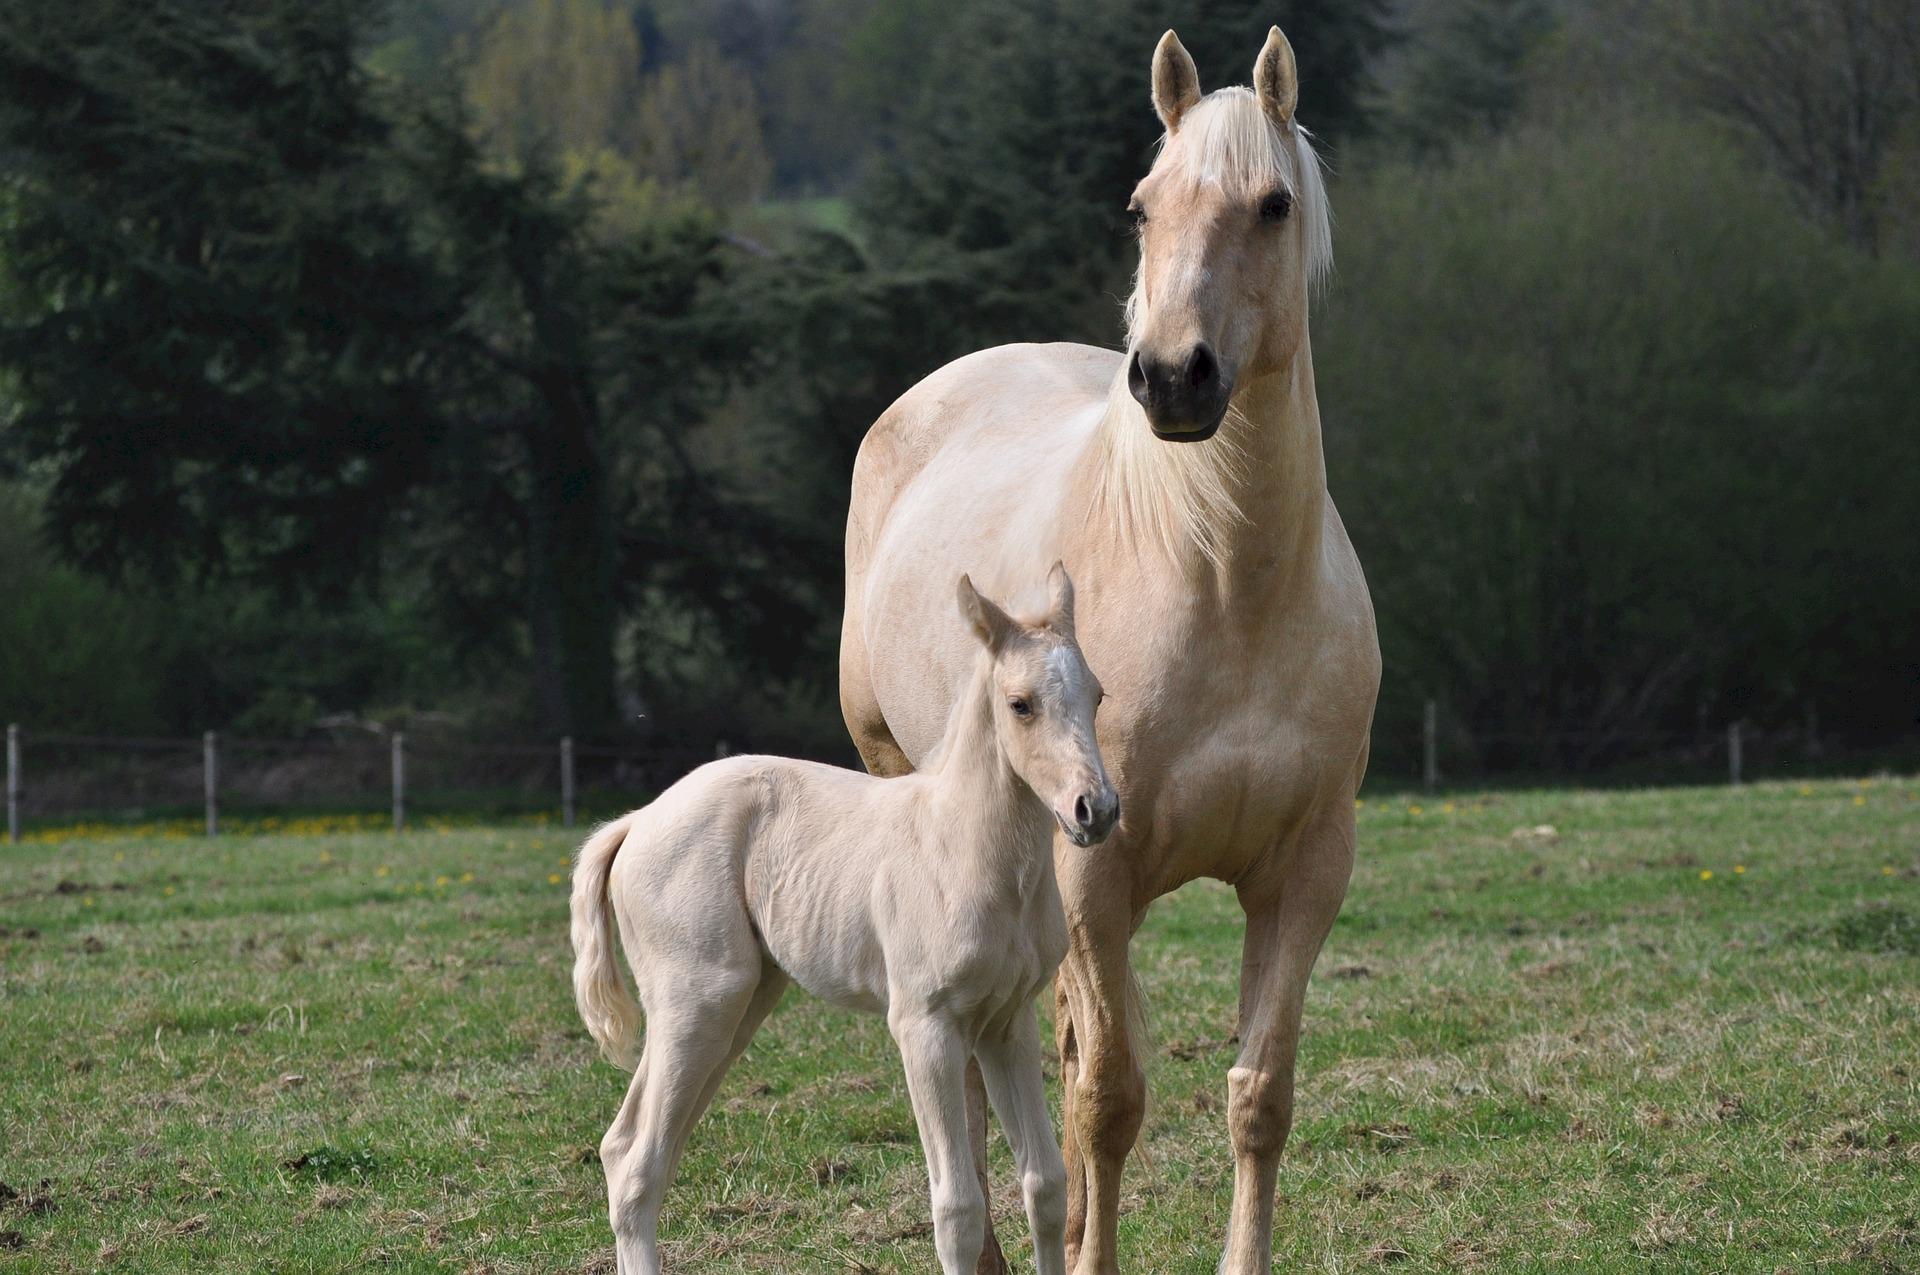 horses-743905_1920.jpg